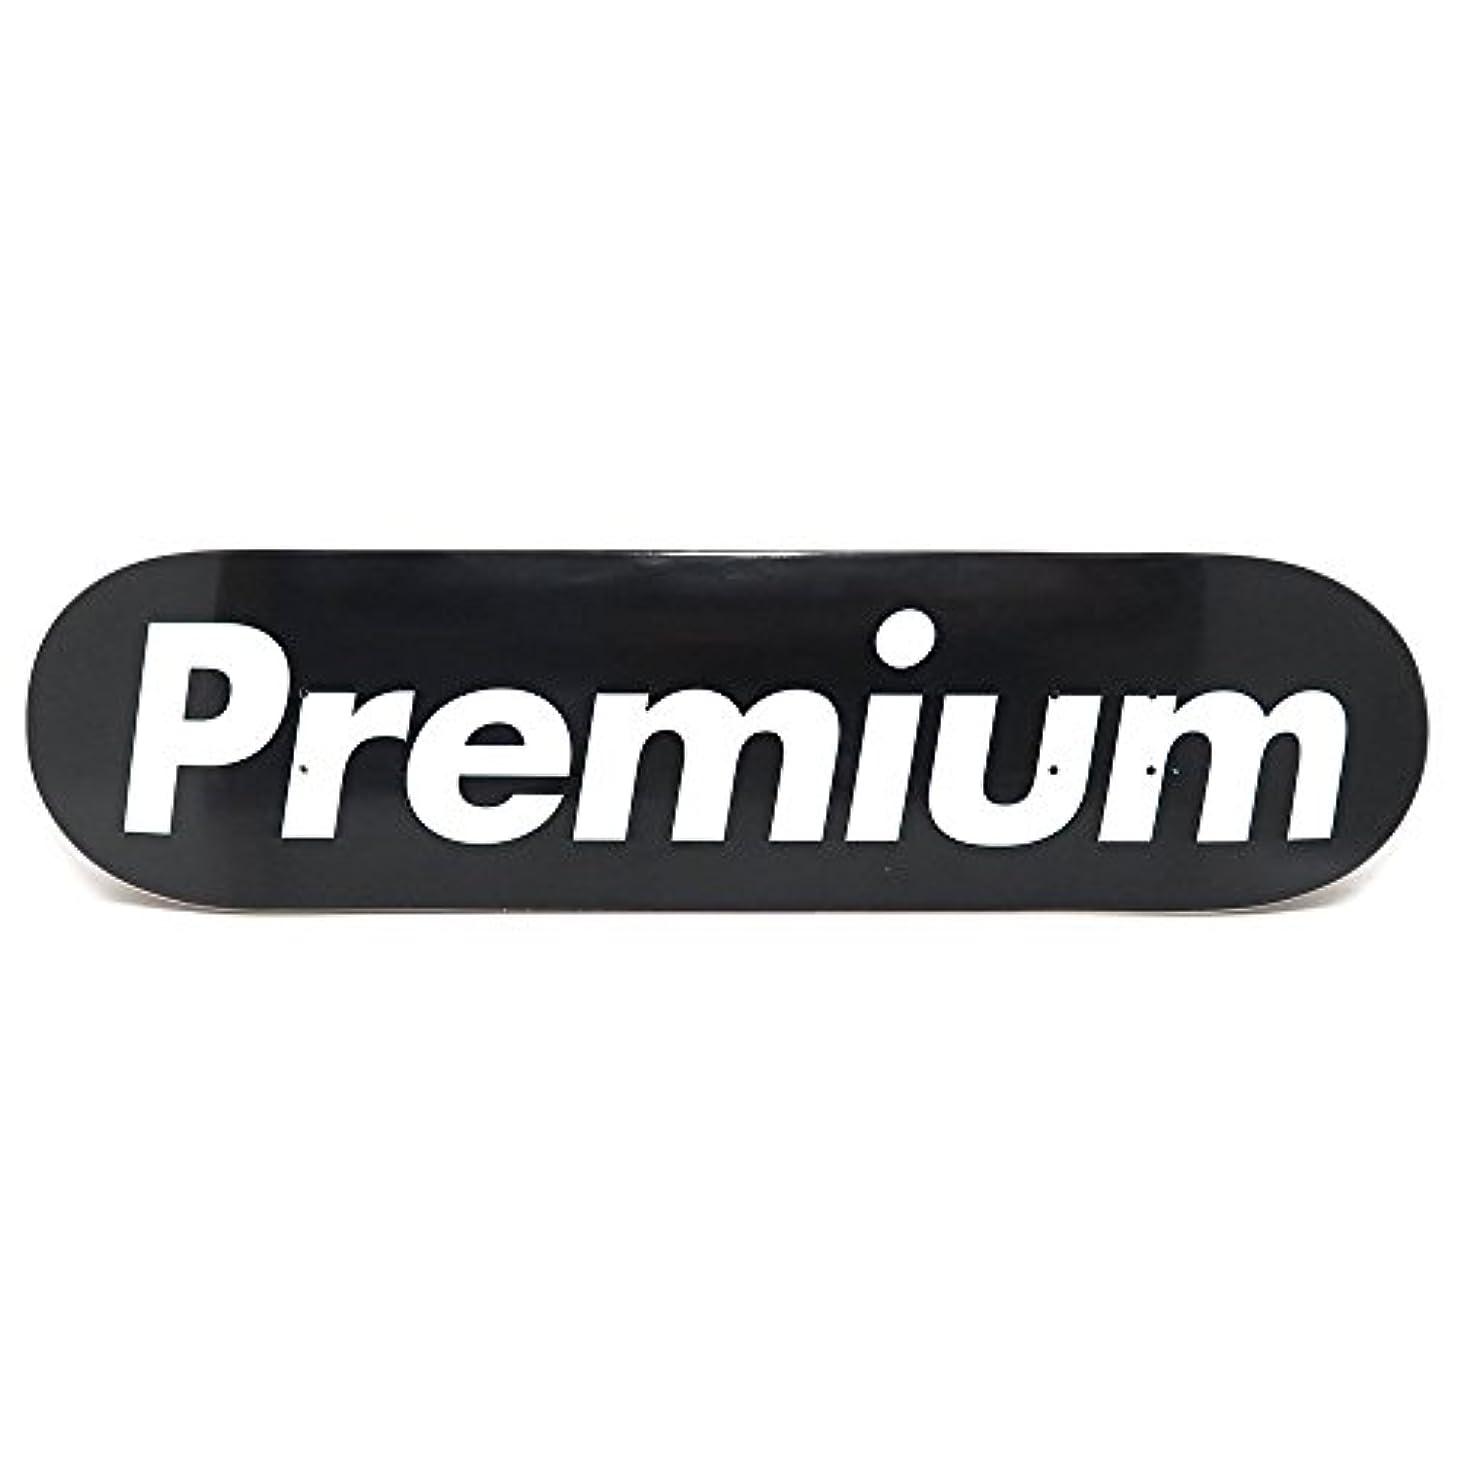 エイズ類人猿劇場PREMIUM DECK プレミアム デッキ TEAM SUPREMIUM BLACK 7.75 スケートボード スケボー SKATEBOARD